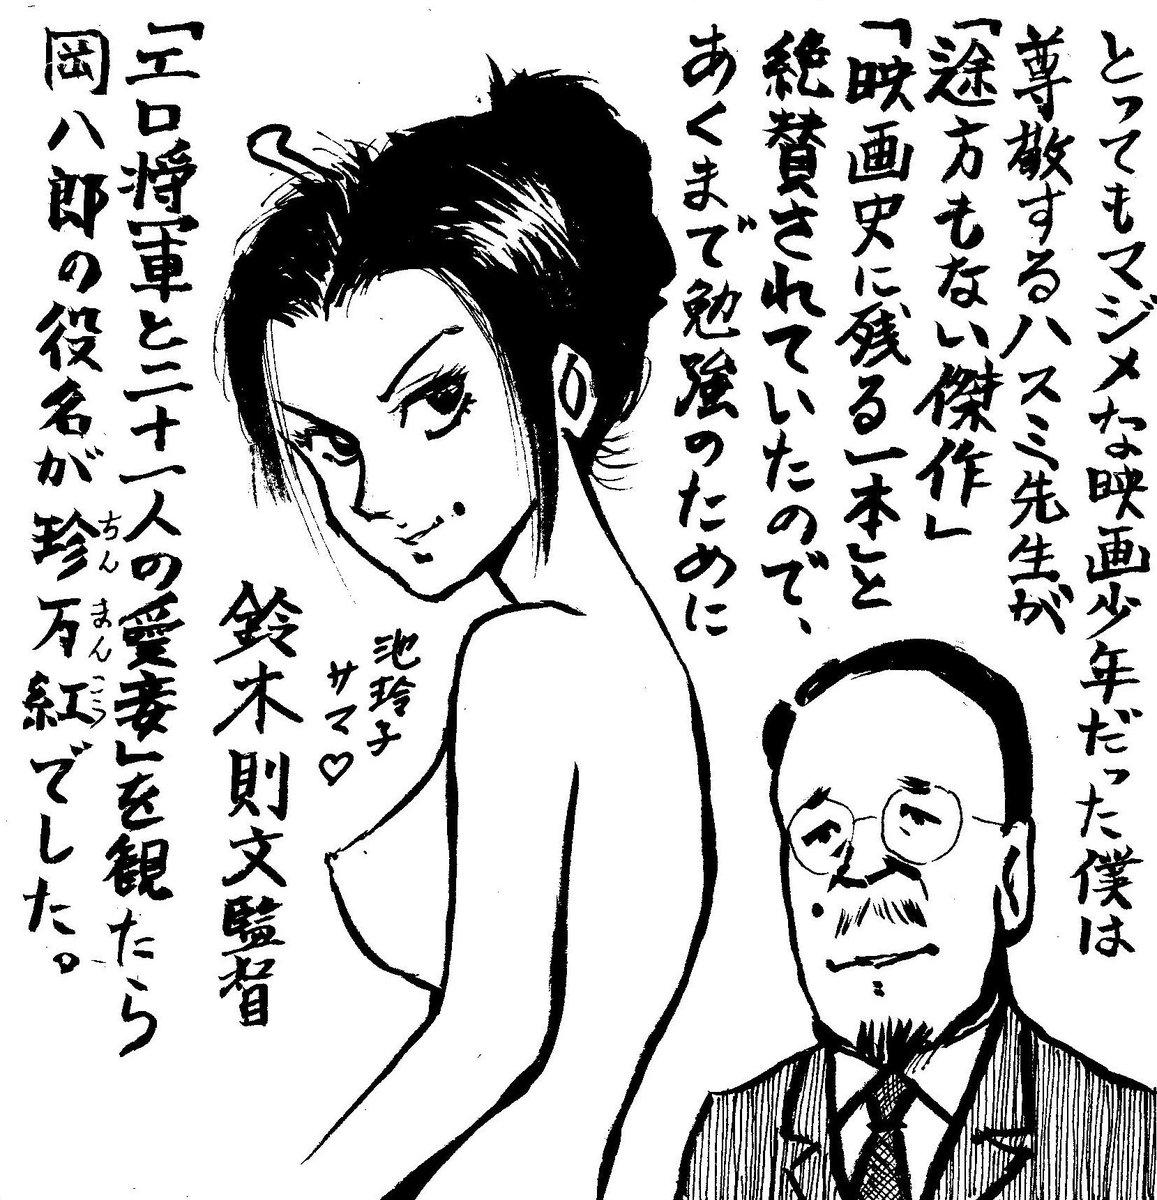 蓮實重彦先生がちょっと似て描けた